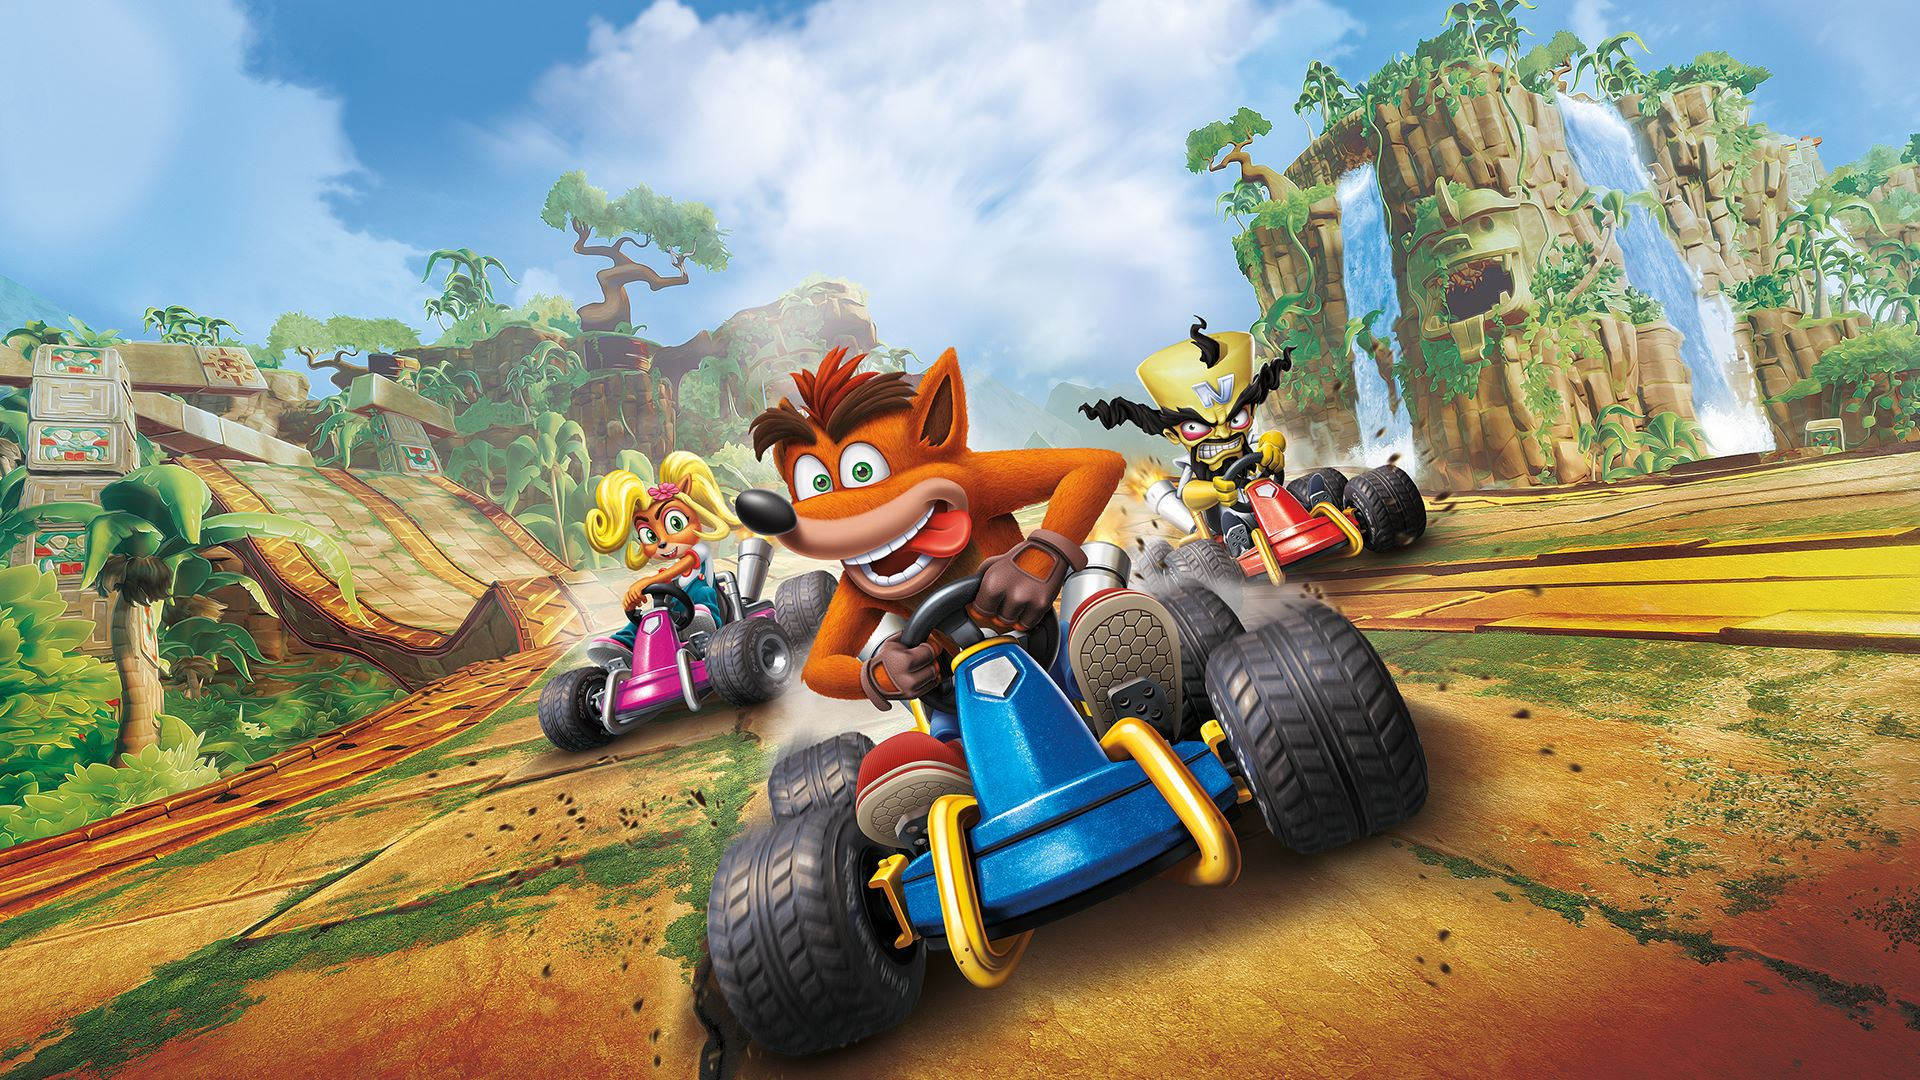 Buy Crash Team Racing Nitro Fueled Bonus In game Item 1920x1080